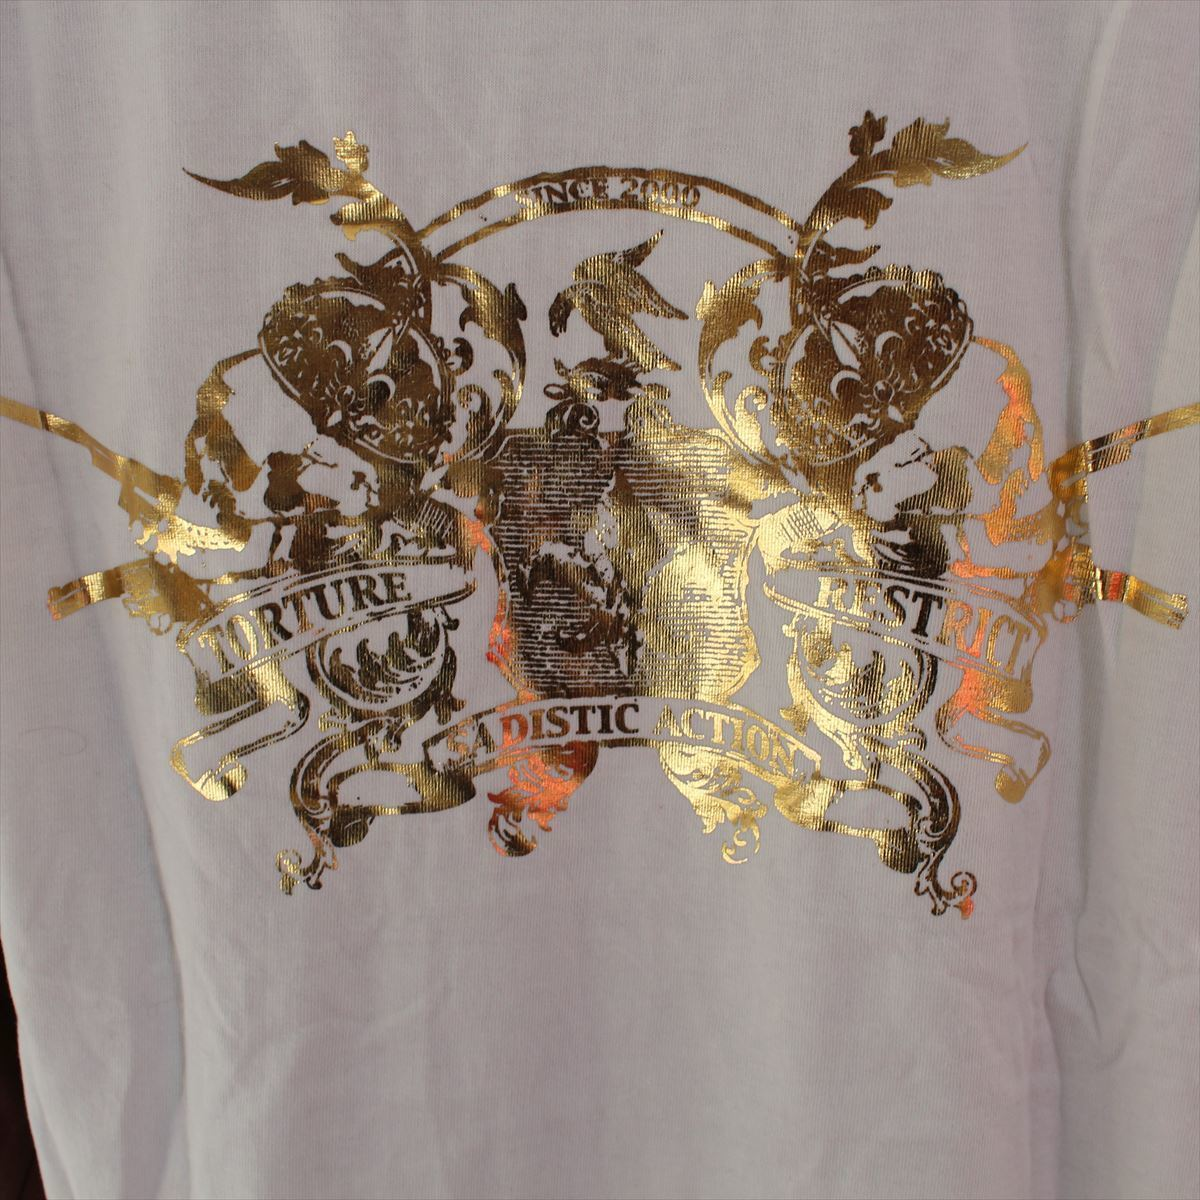 サディスティックアクション SADISTIC ACTION メンズ長袖Tシャツ Mサイズ NO14 新品_画像4